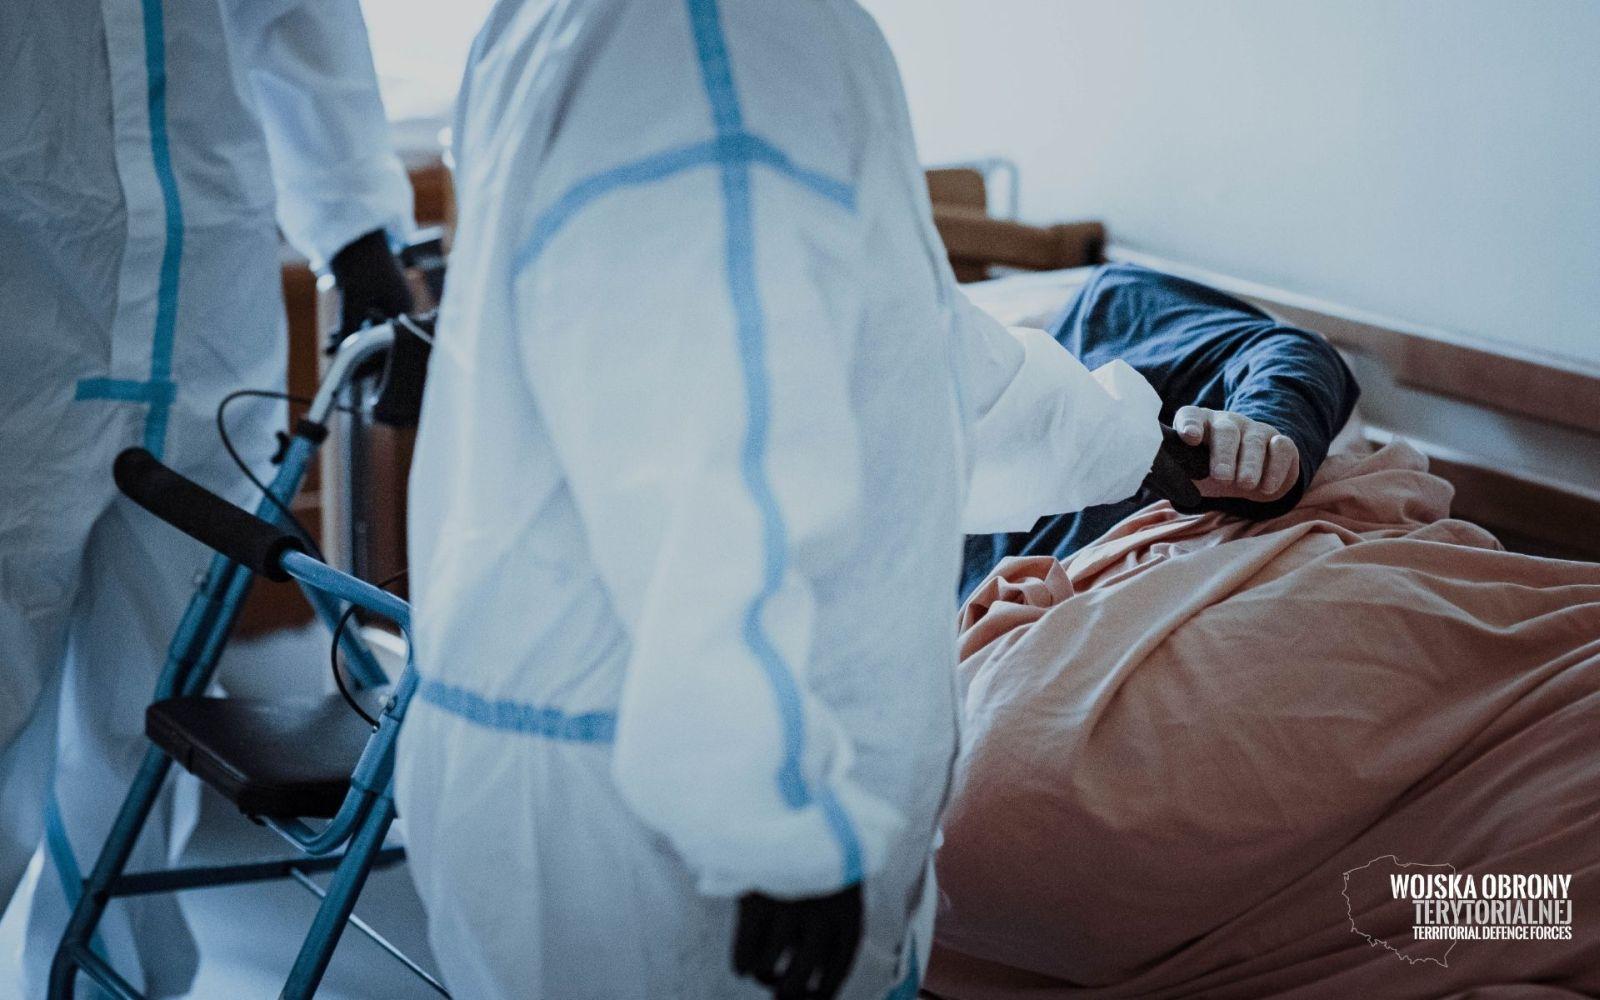 wot szpitale 4 Terytorialsi wspierają coraz więcej szpitali. Przejmują cześć obowiązków personelu medycznego